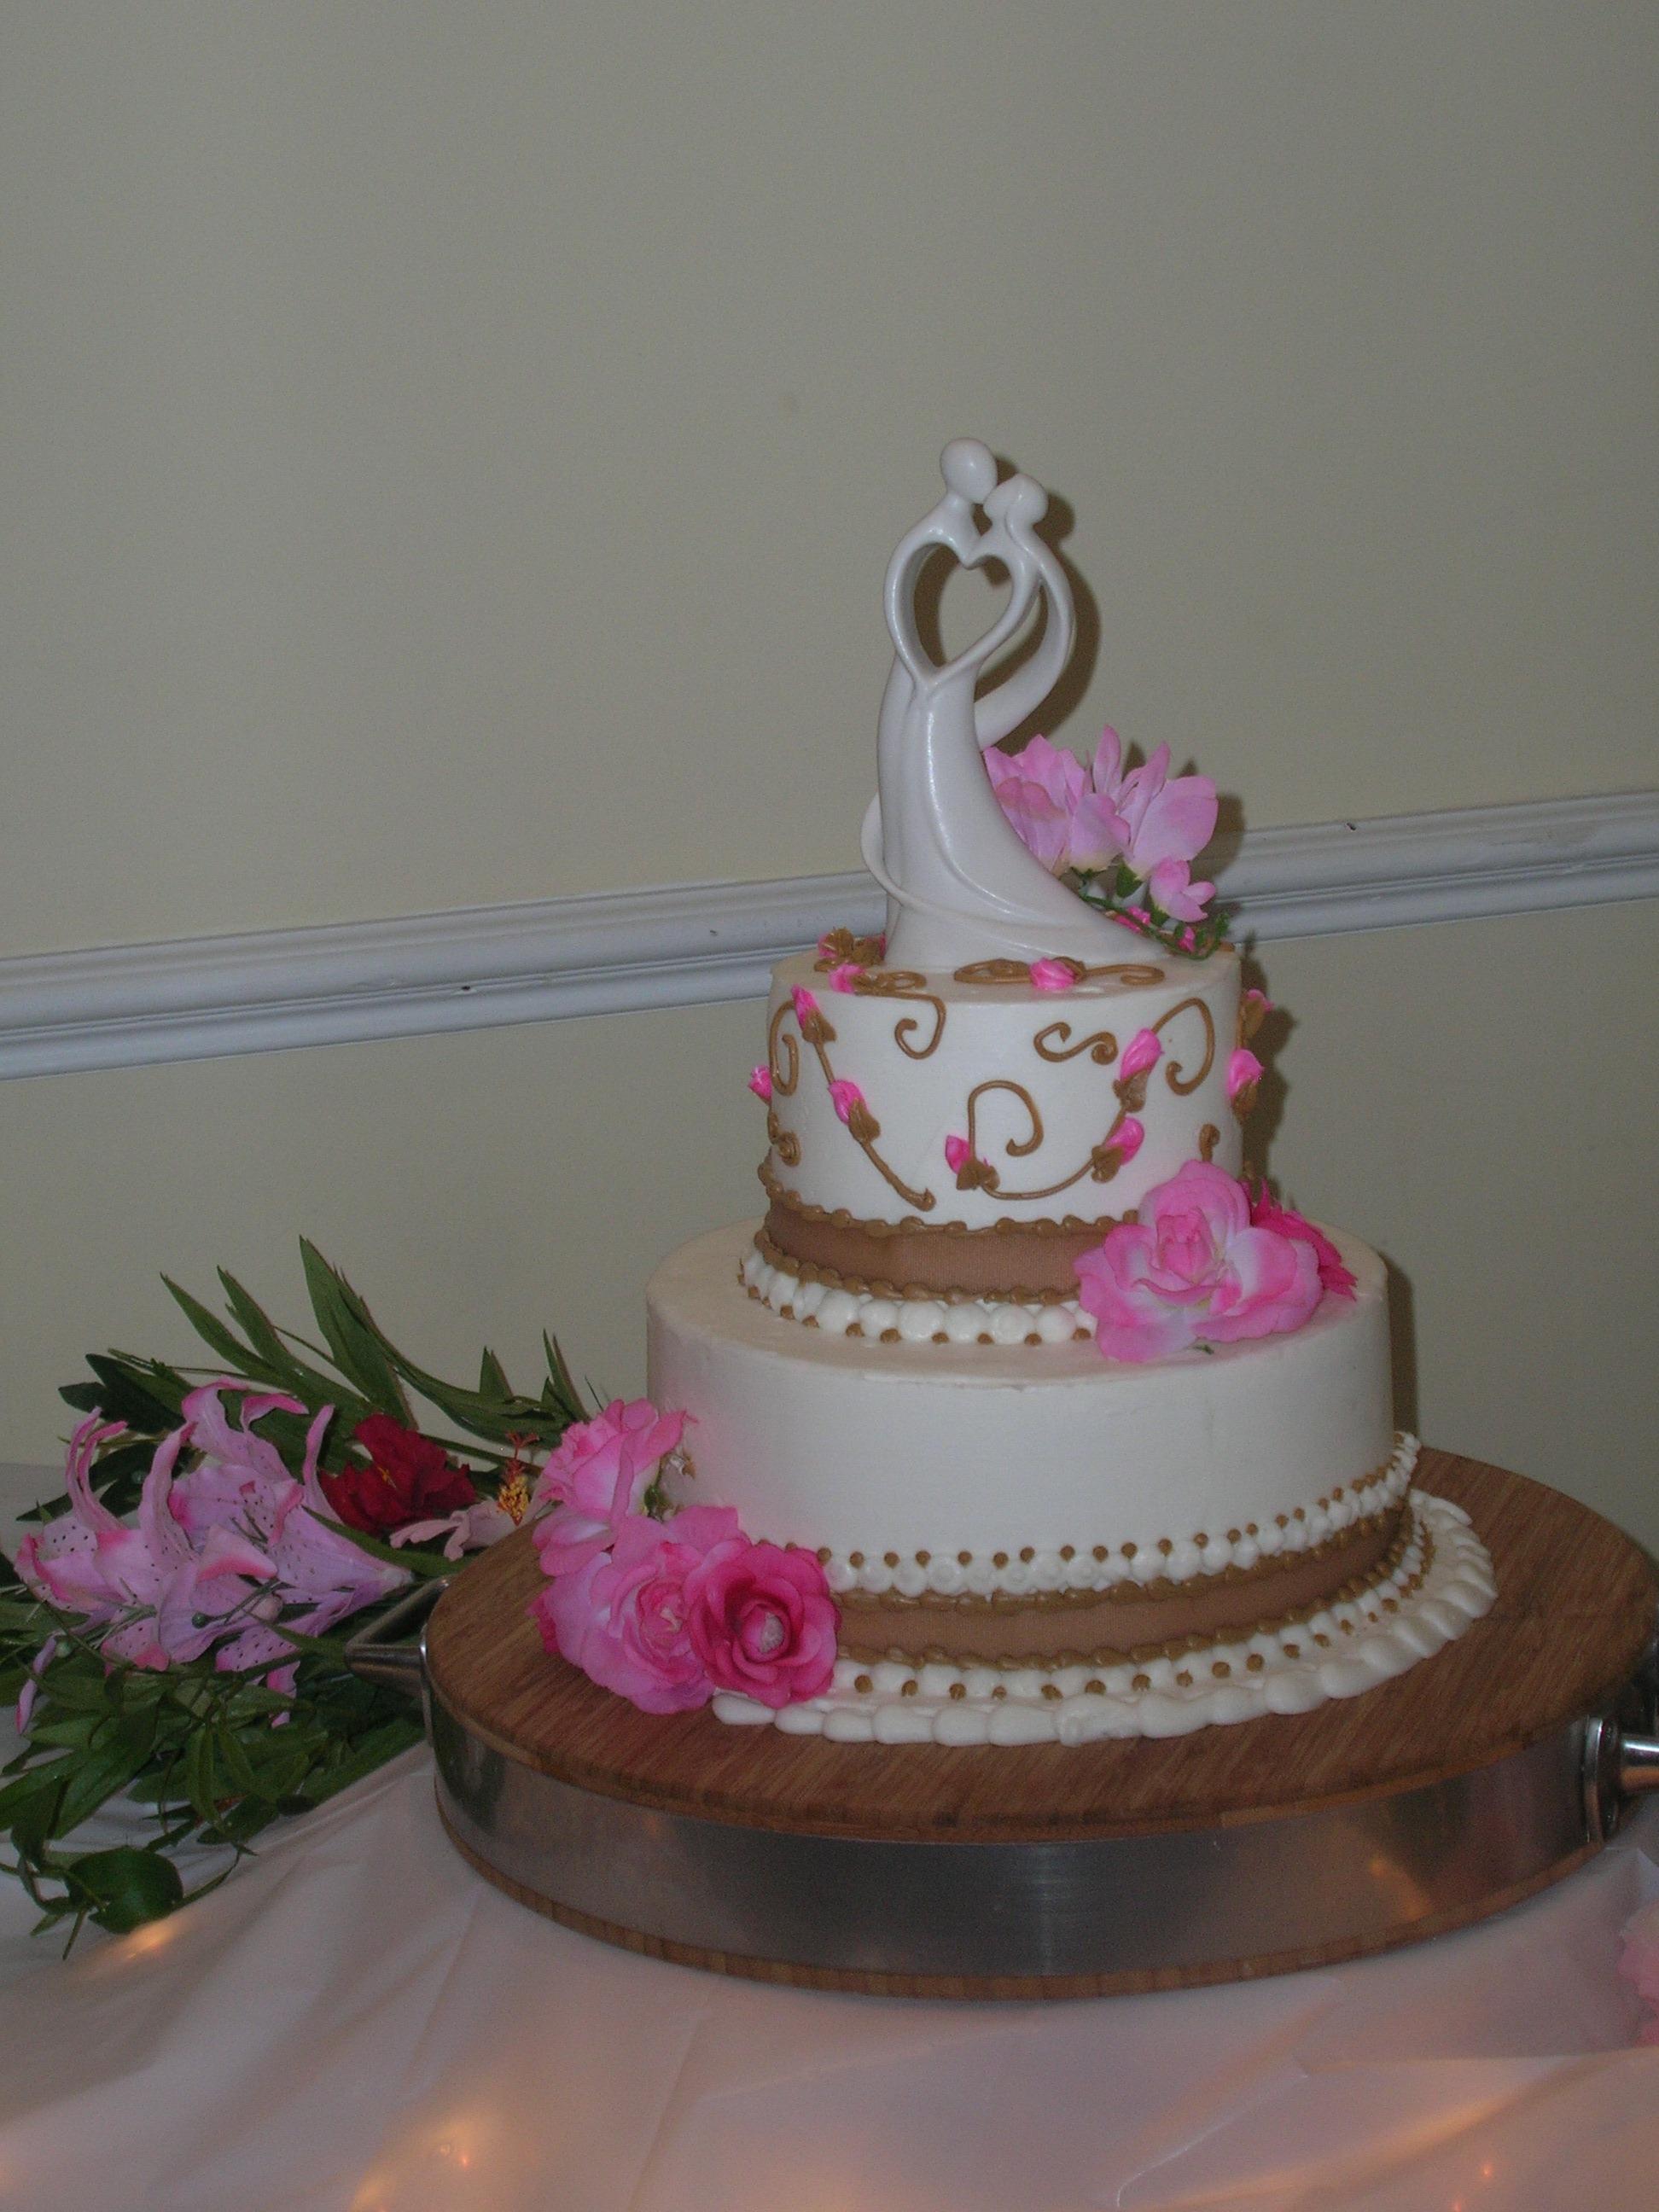 sand and sun2 - myrtle beach wedding cakes